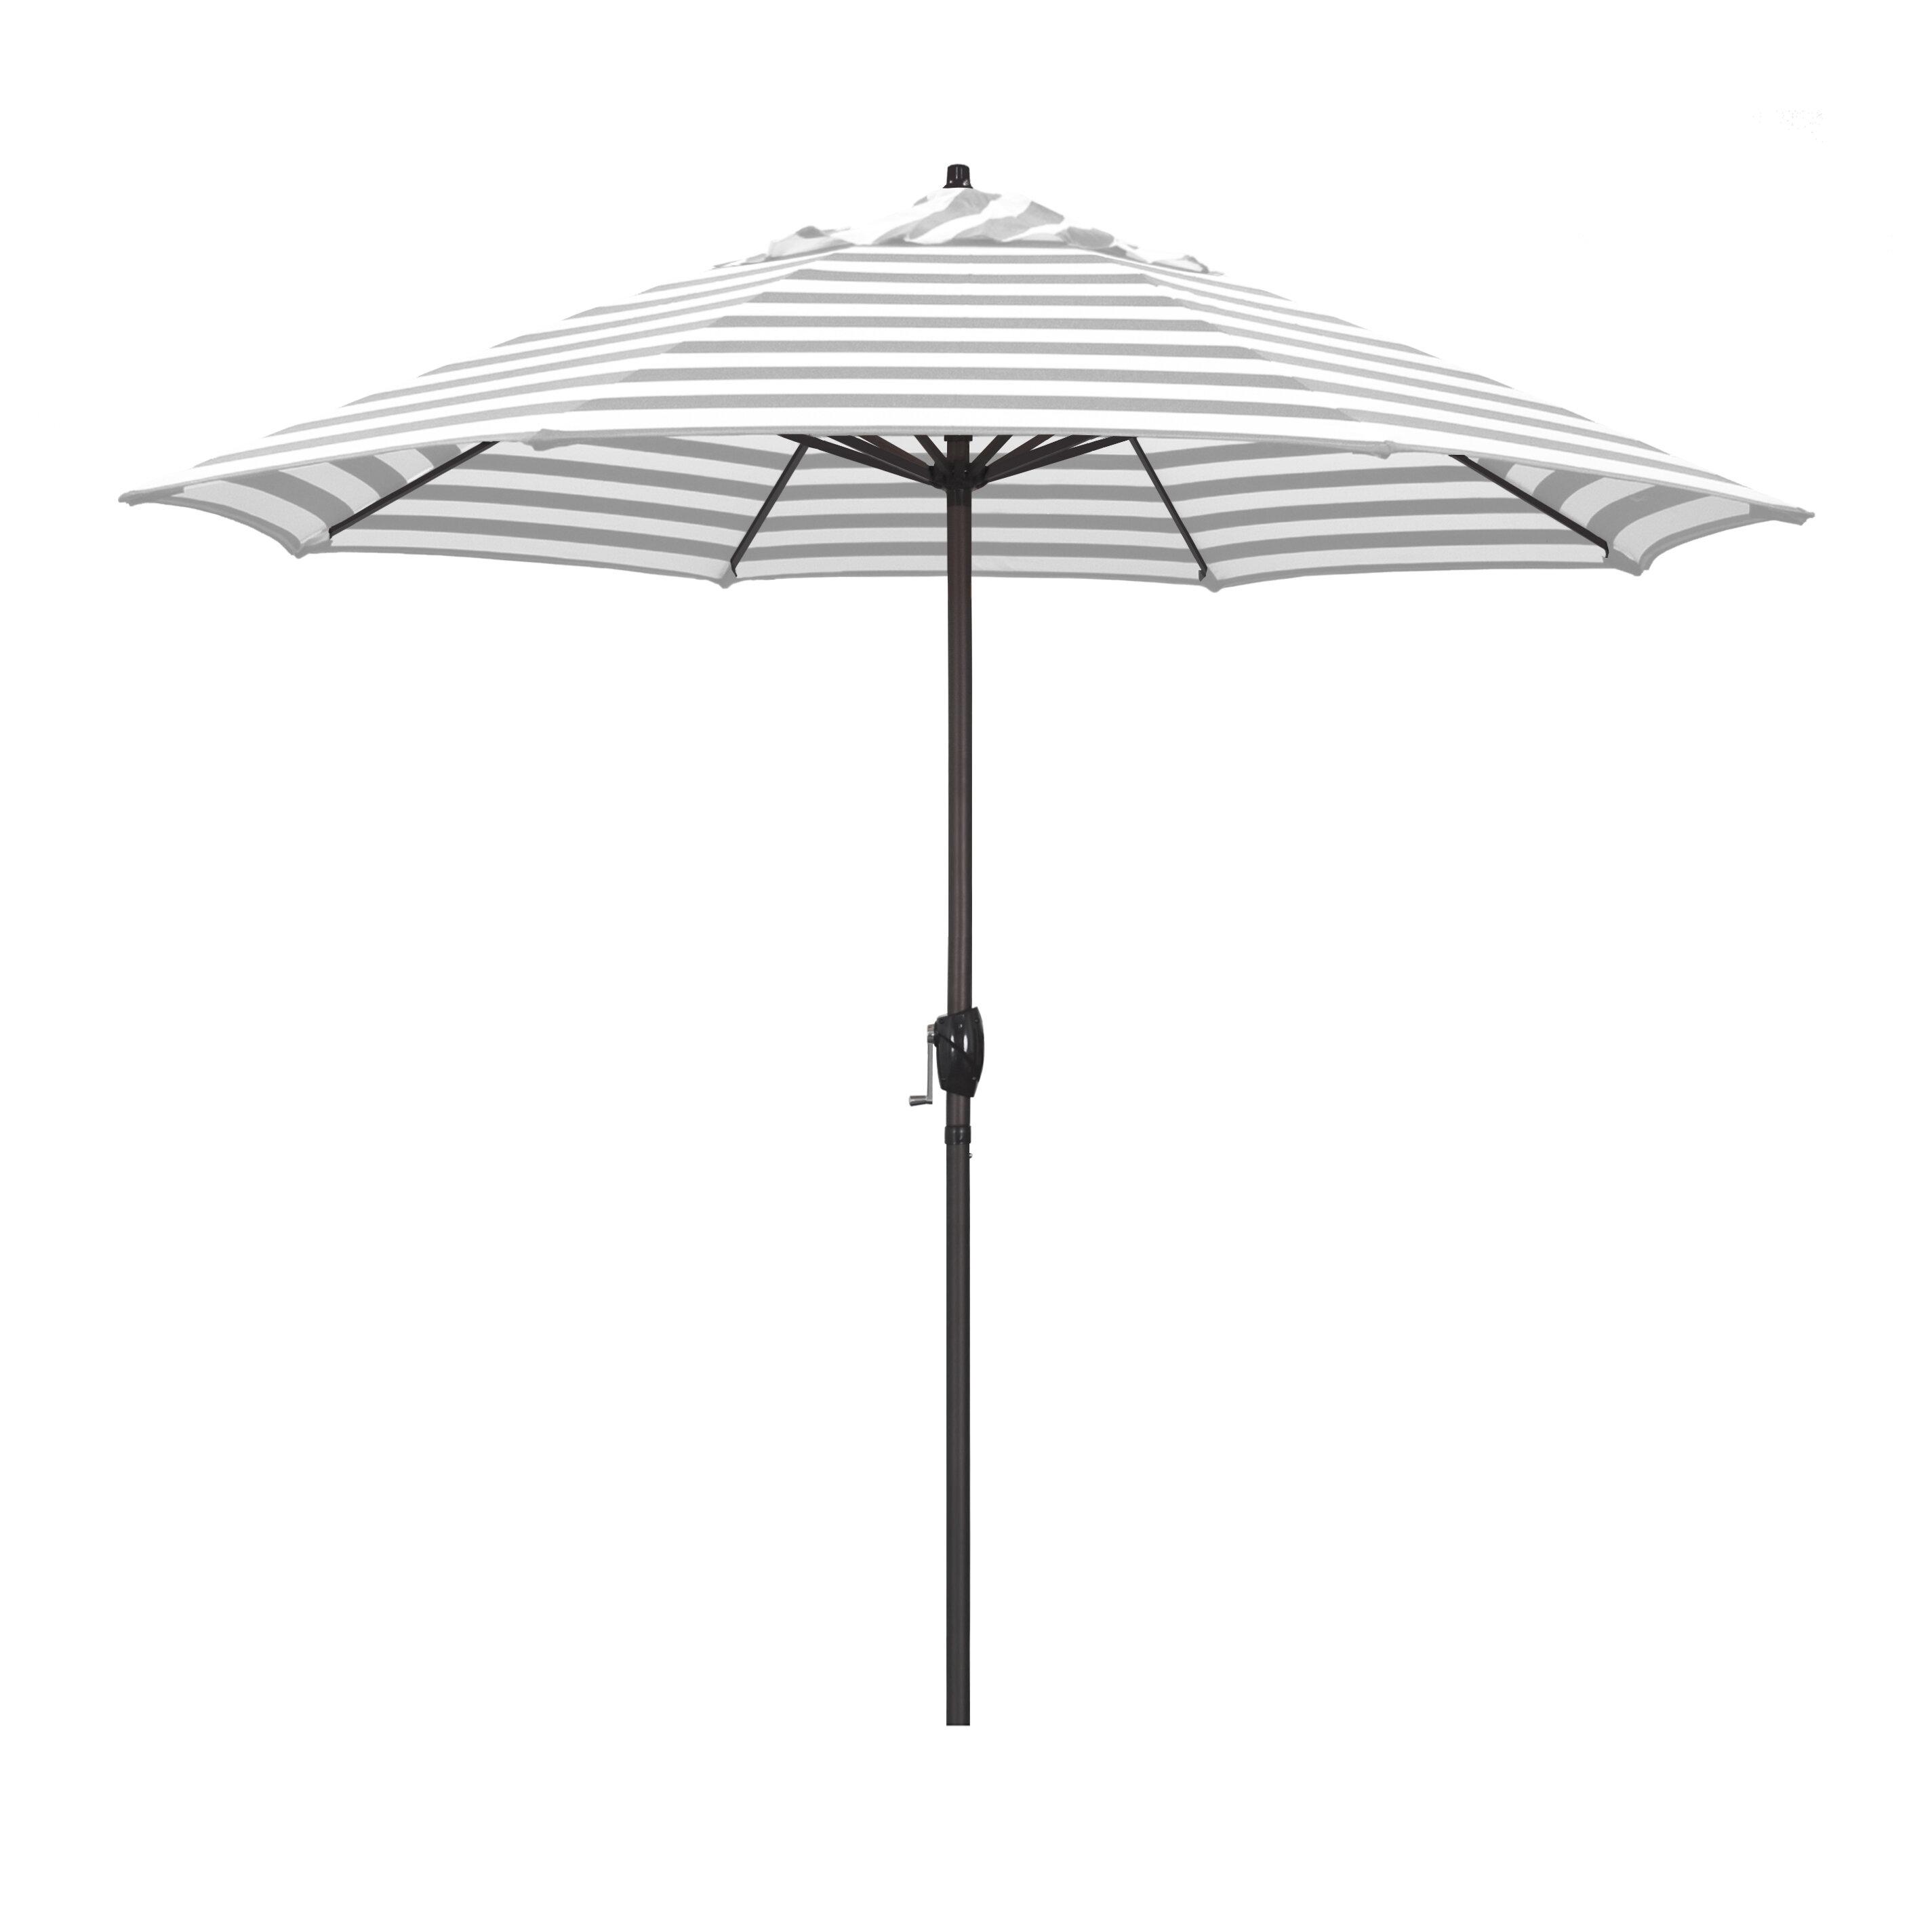 California Umbrella Sunline 9 X 9 Octagonal Market Umbrella Reviews Perigold